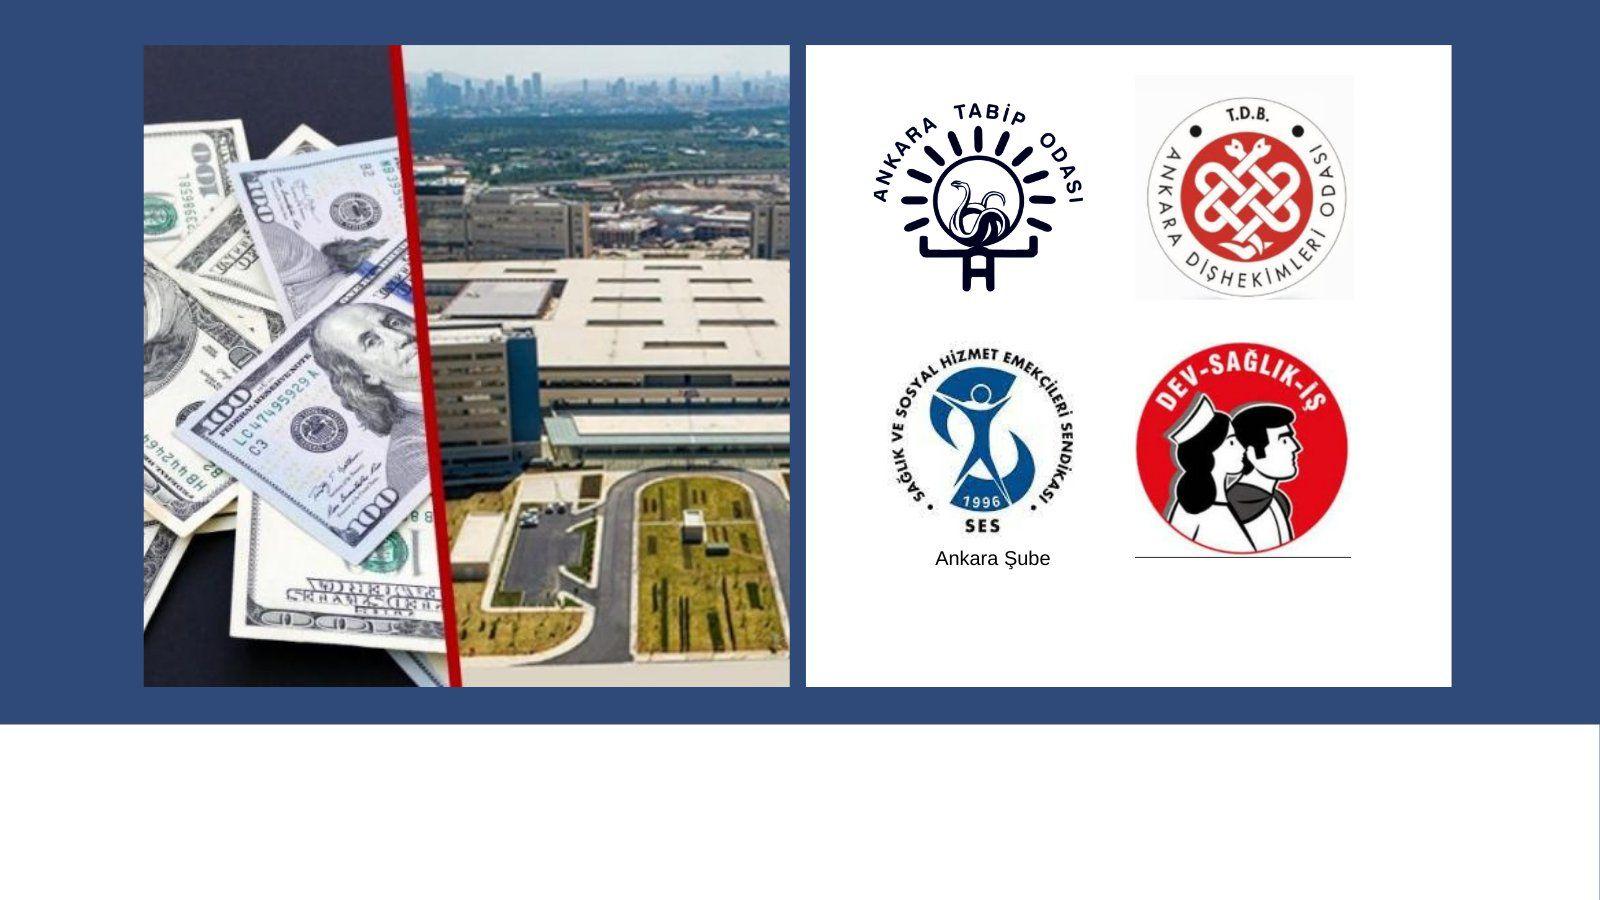 Ankara Şubemiz, Ankara Tabip Odası Ankara Dişhekimleri Odası ve Devrimci Sağlık İşçileri Sendikası: Rönesans İşletme Hizmetleri Şirketinin İşletme Hakkını Danimarkalı ISS Şirketine Satış İşlemi Üzerinden Şehir Hastaneleri Gerçeği